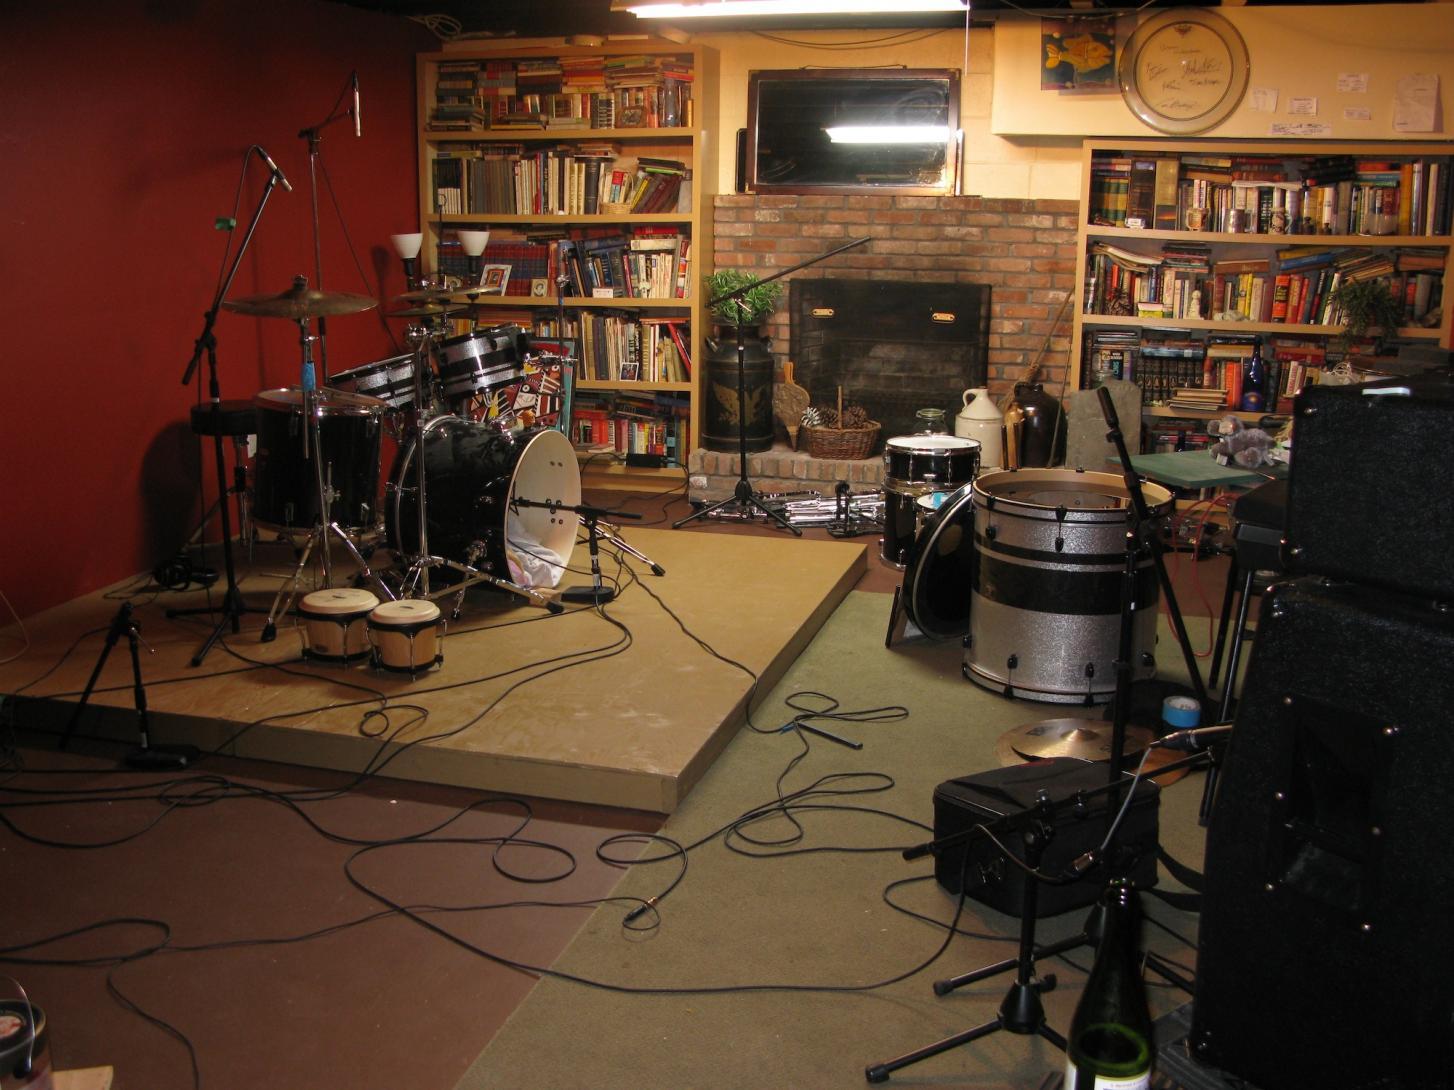 Sala de Música II 171247d1273027332-one-guitar-two-amps-questions-new-track-room